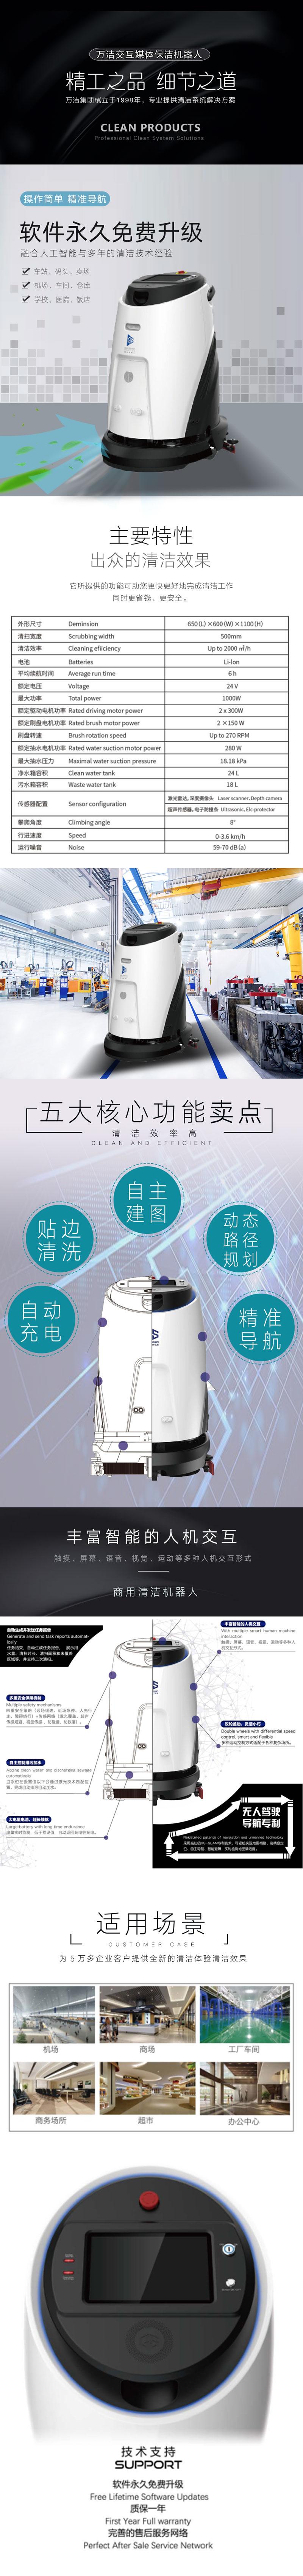 万洁交互媒体保洁机器人 50